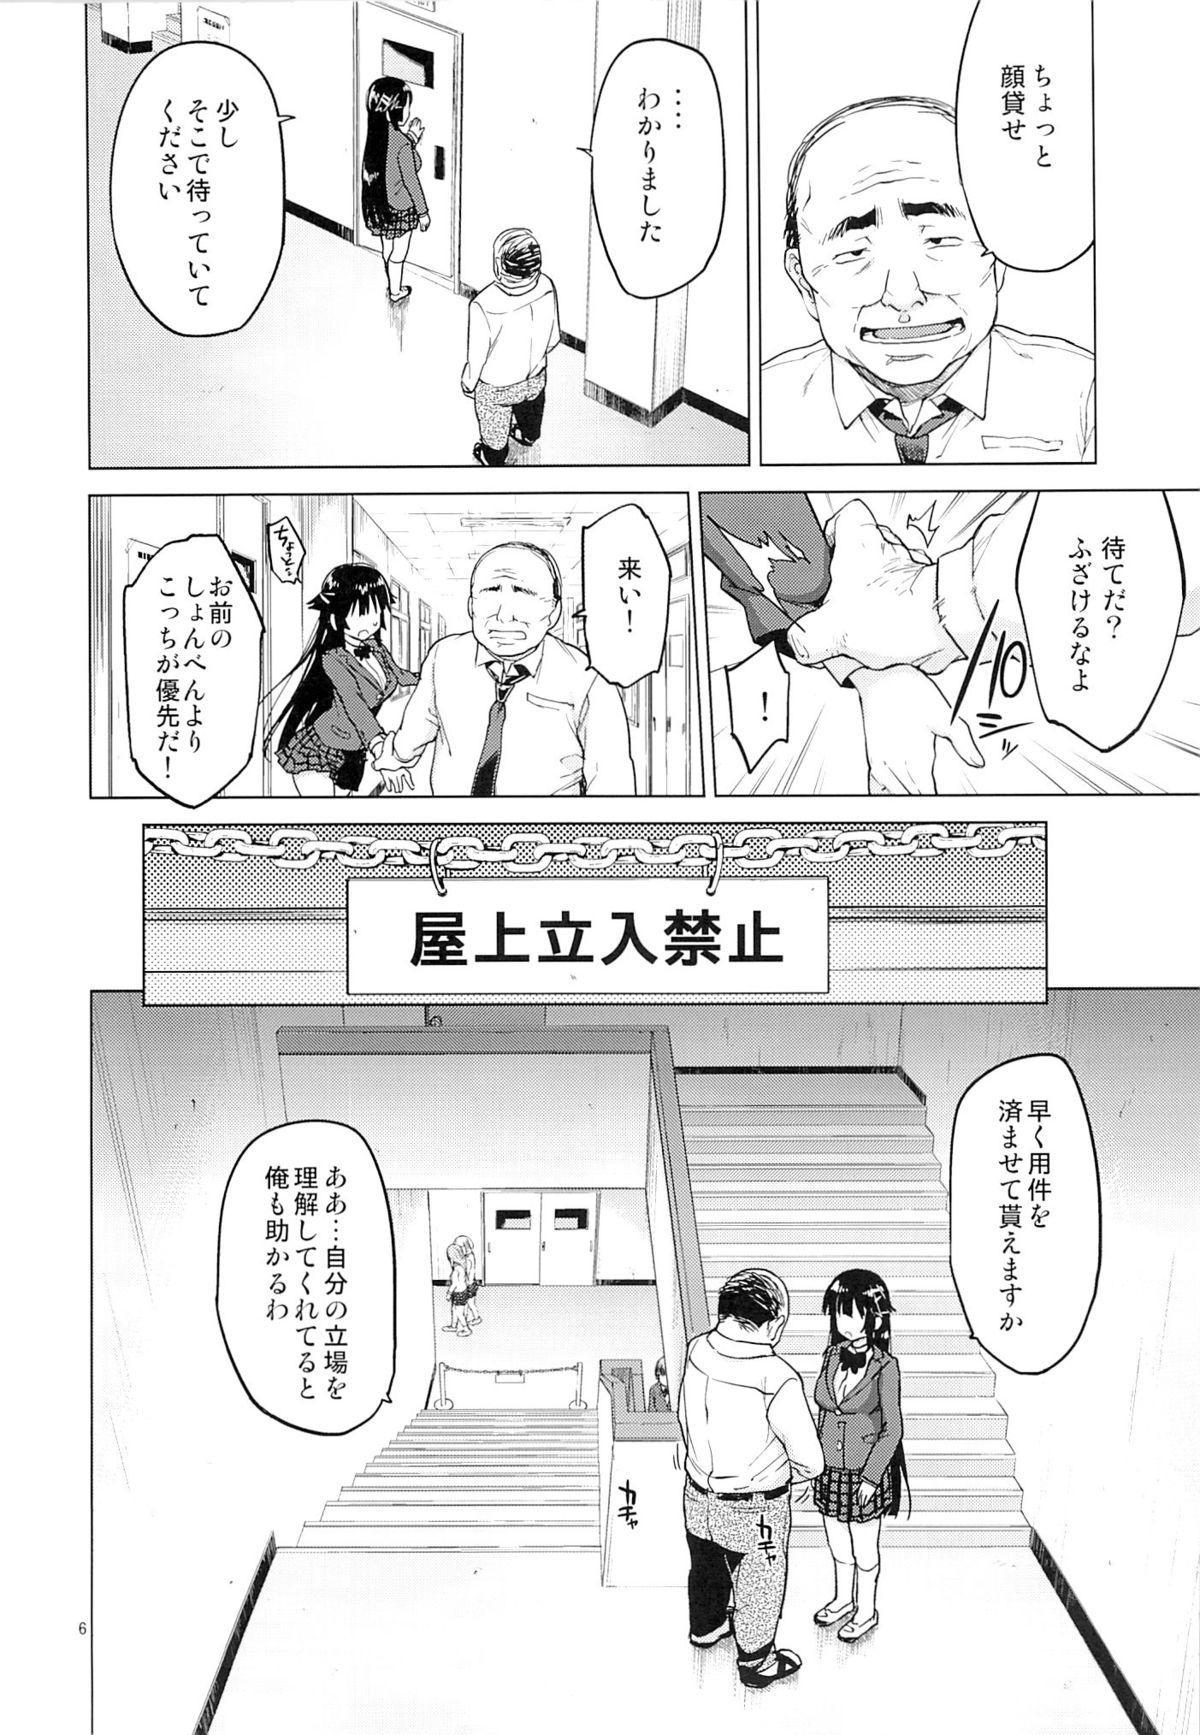 Chizuru-chan Kaihatsu Nikki 2 4